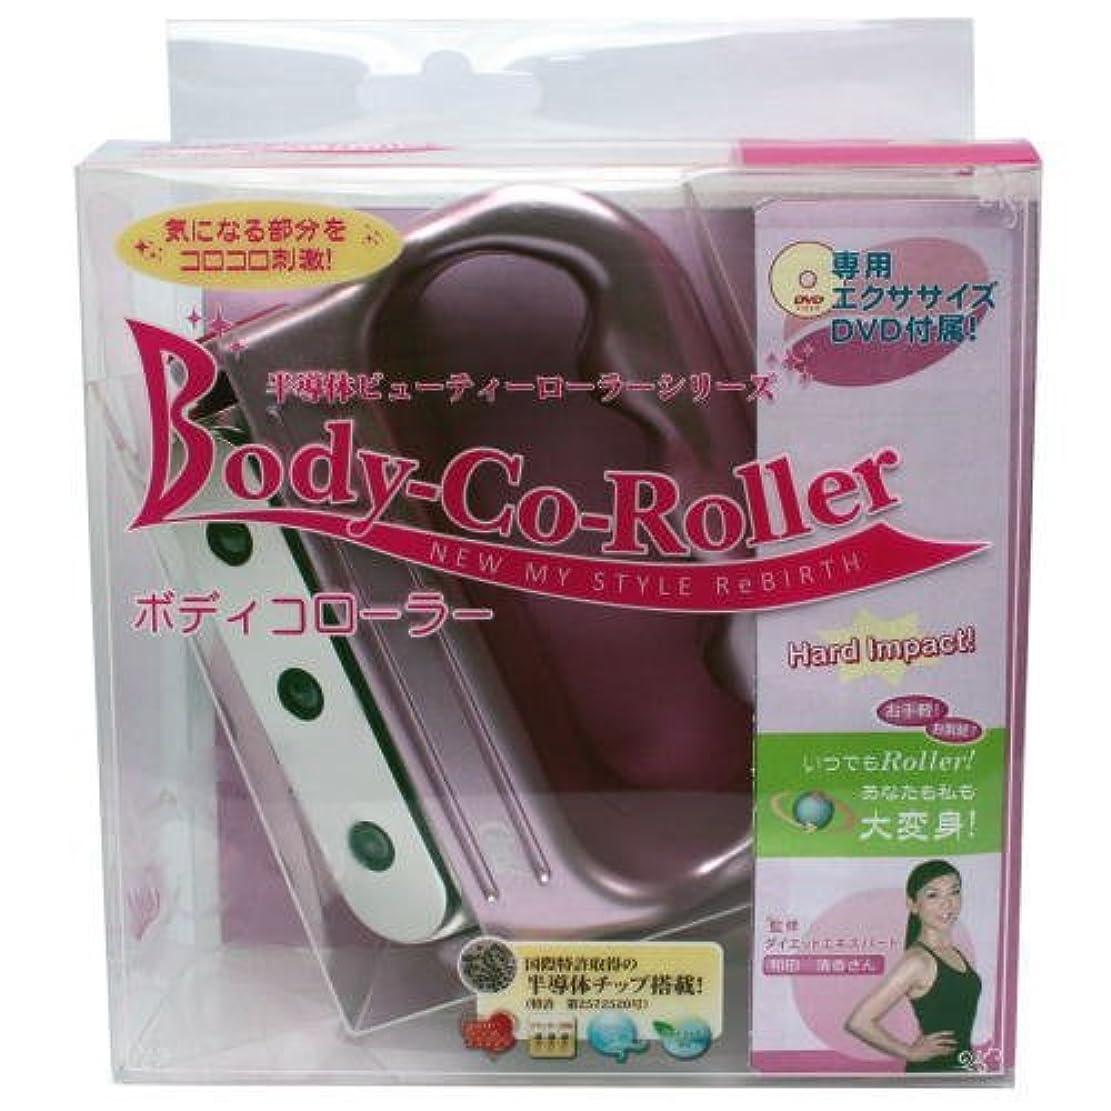 エコー意図免除ボディコローラー BCR-PS DVD付モデル